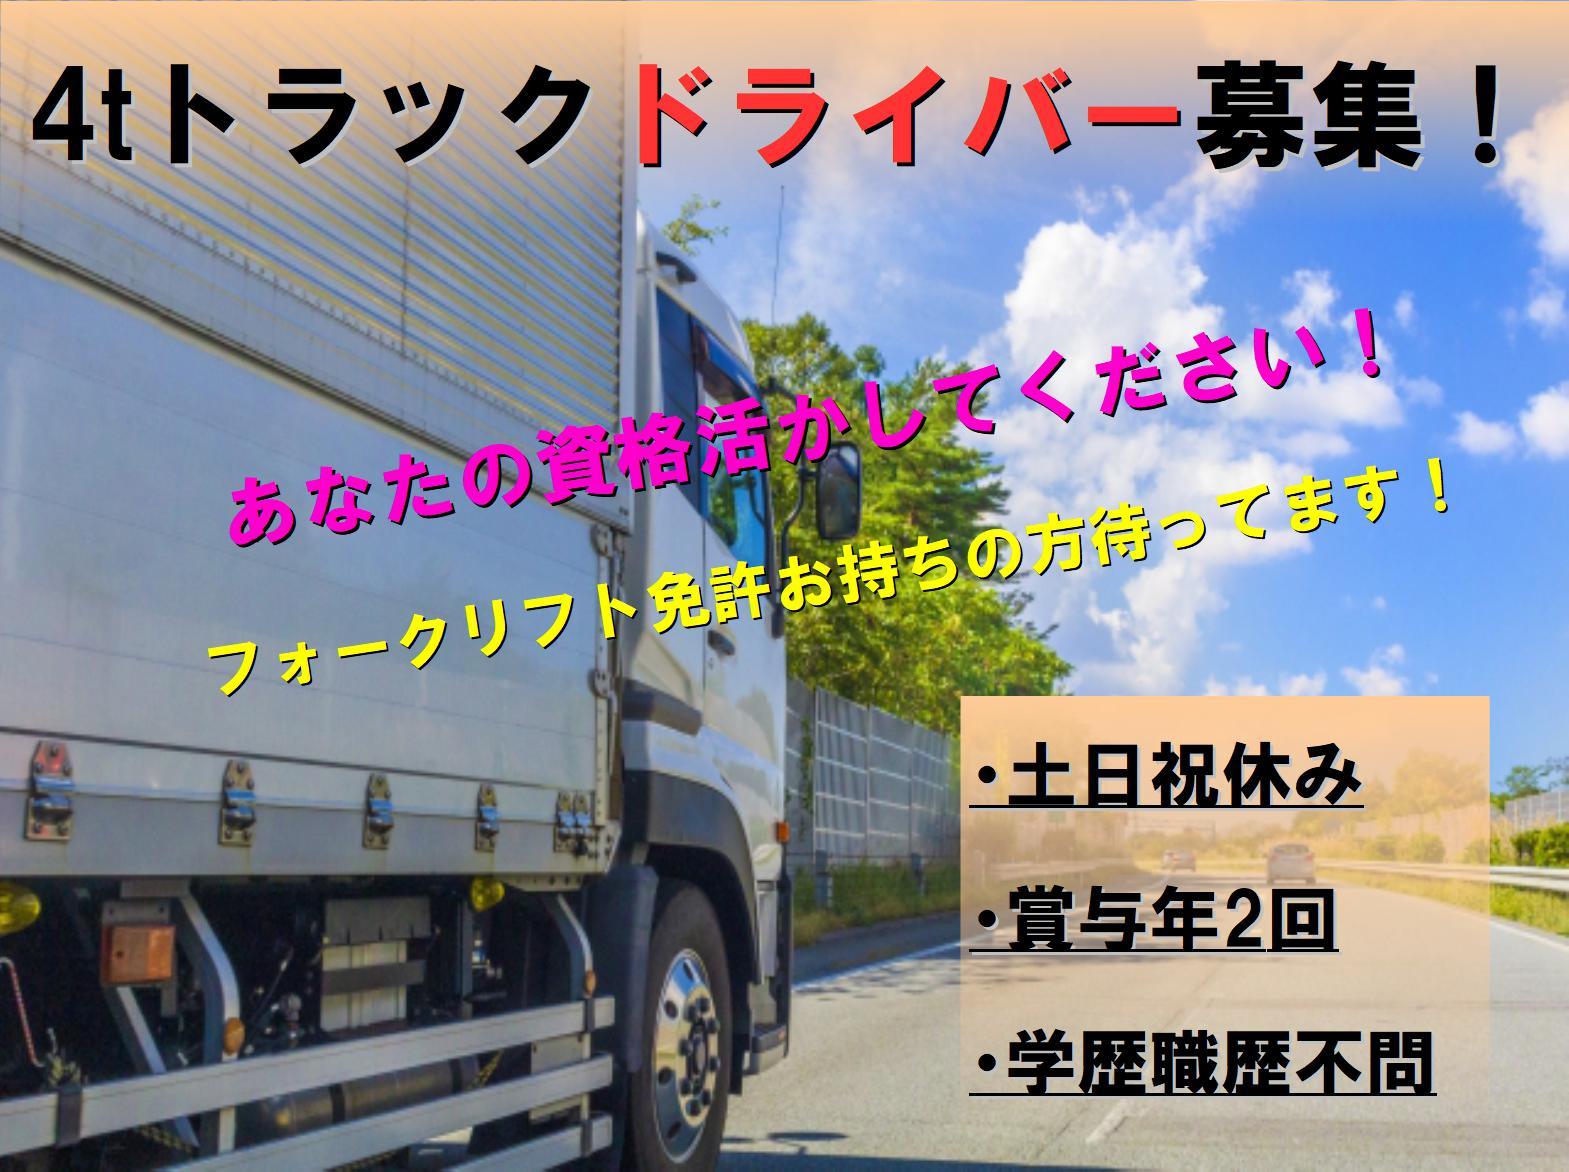 あなたの資格活かせます!フォークリフト運転技能お持ちの方必見!学歴職歴不問!4t中型トラックドライバーしませんか? イメージ